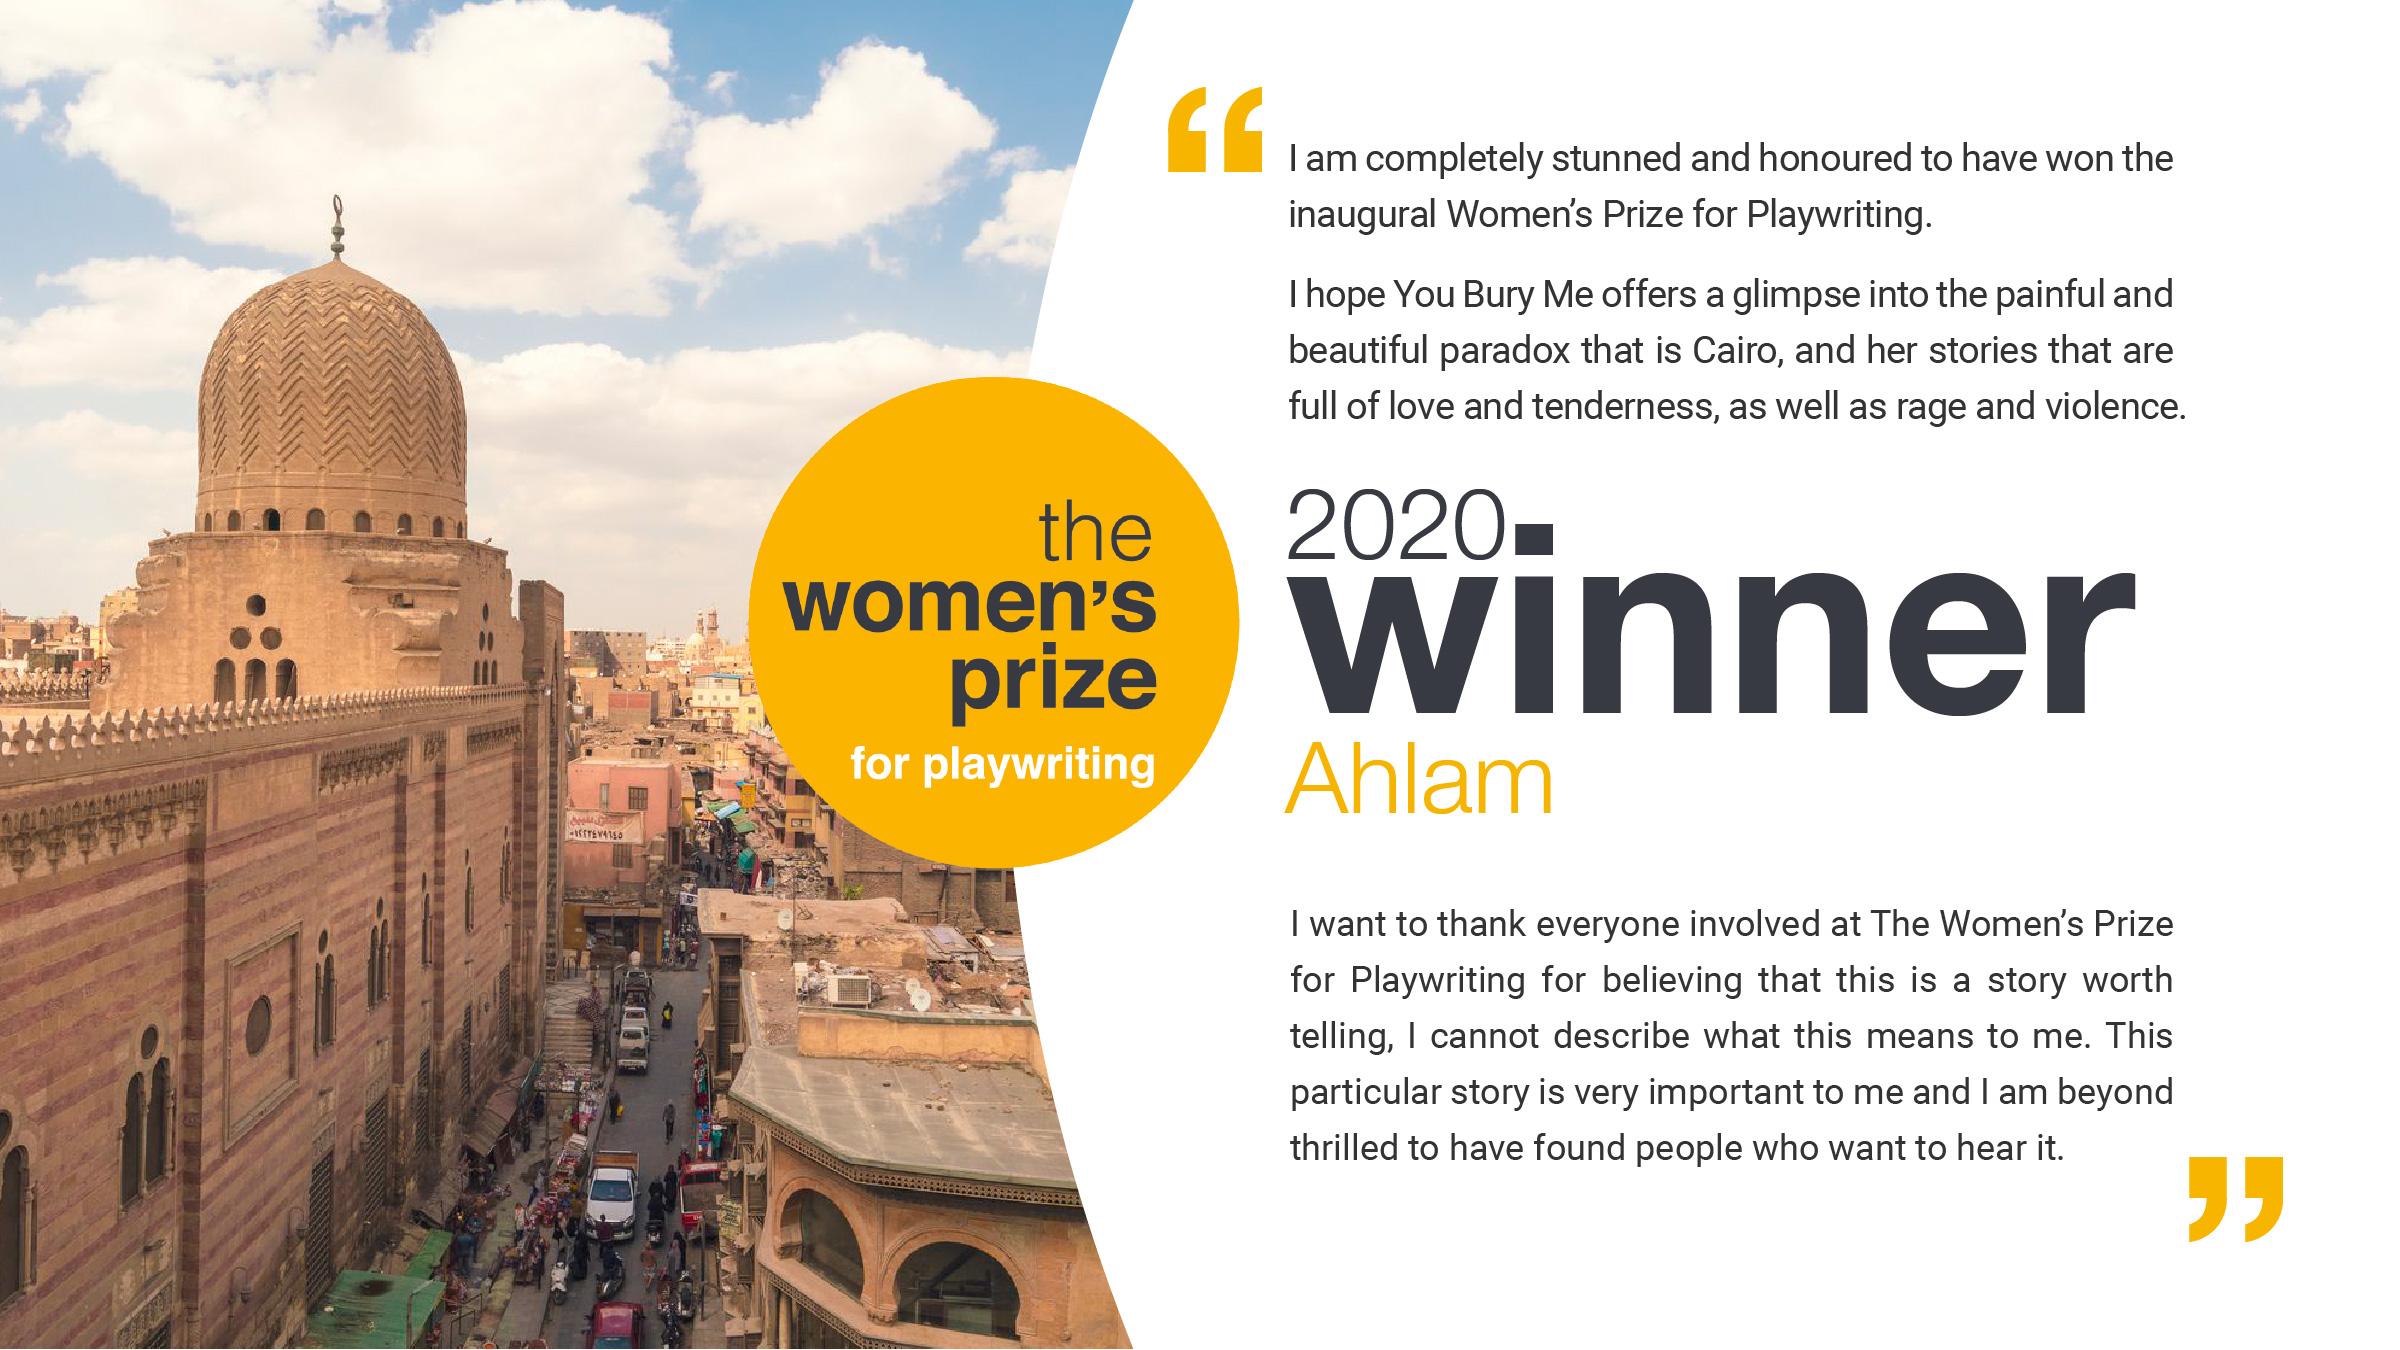 Ahlam-Winner-announced